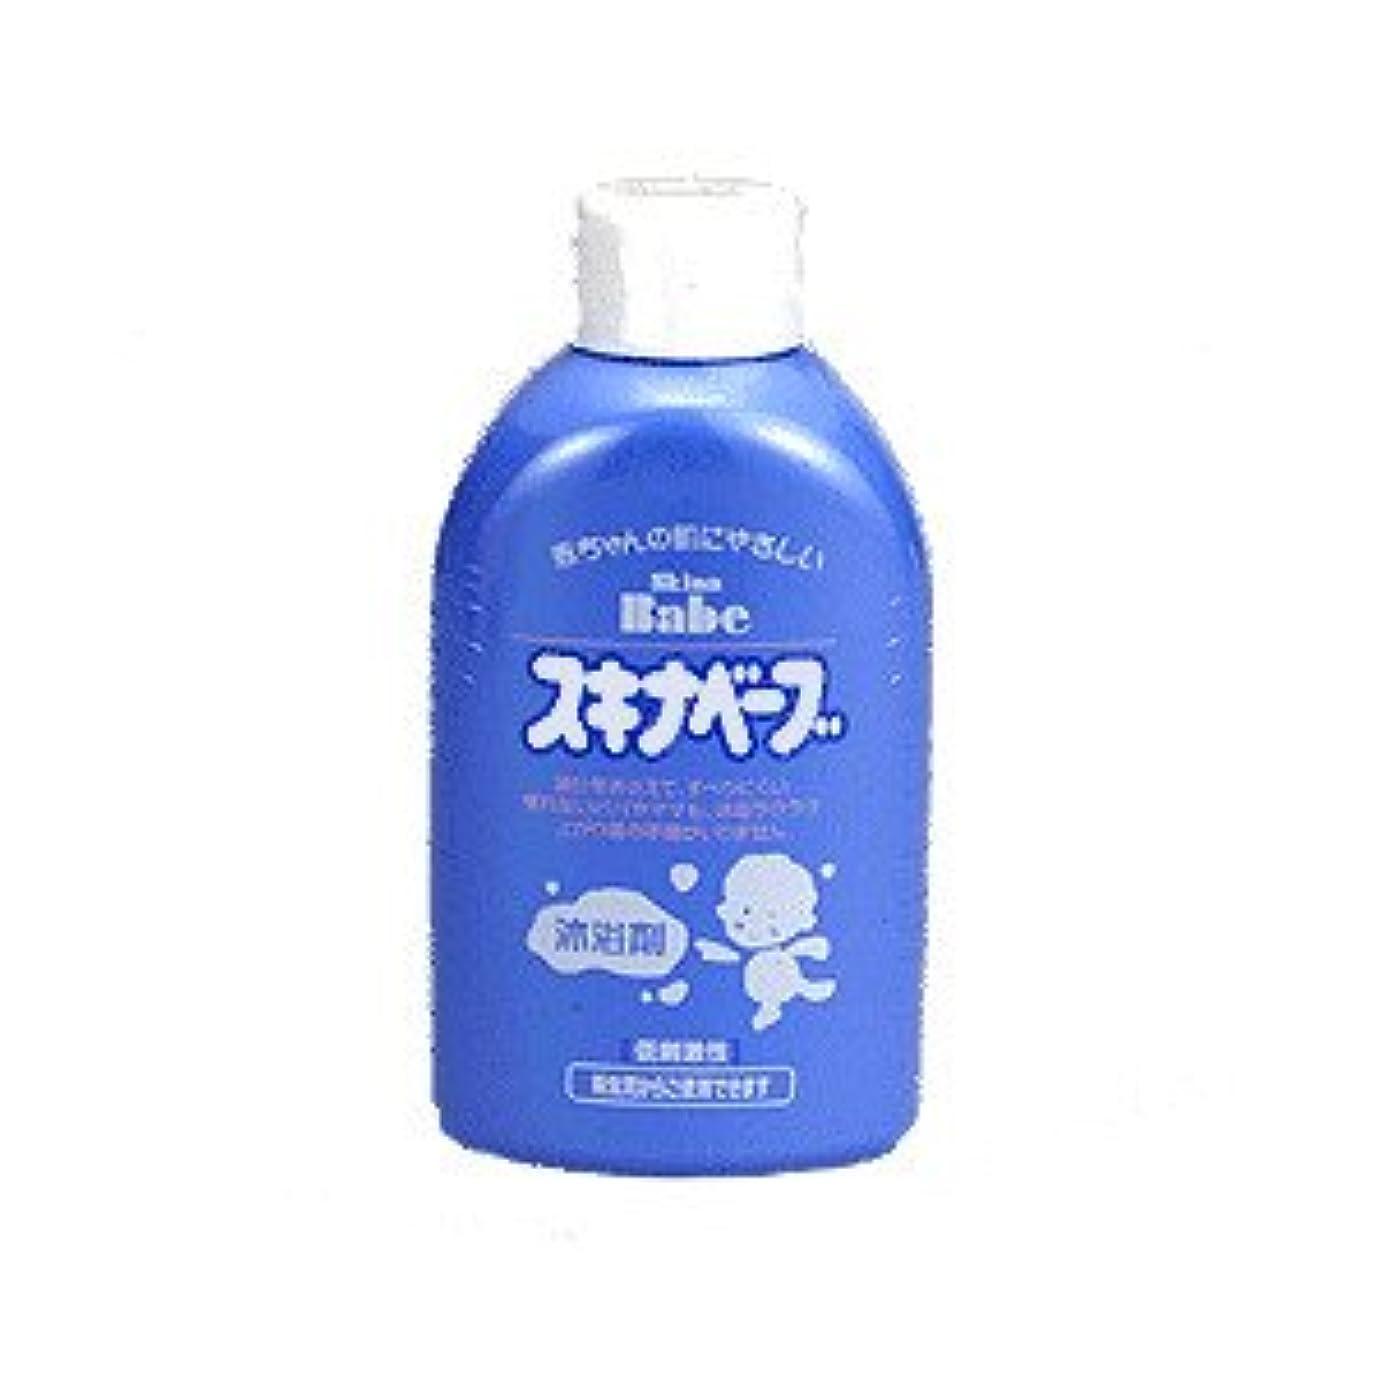 好み袋復活する(持田ヘルスケア)スキナベーブ 500ml(入浴剤)(医薬部外品)(お買い得3個セット)